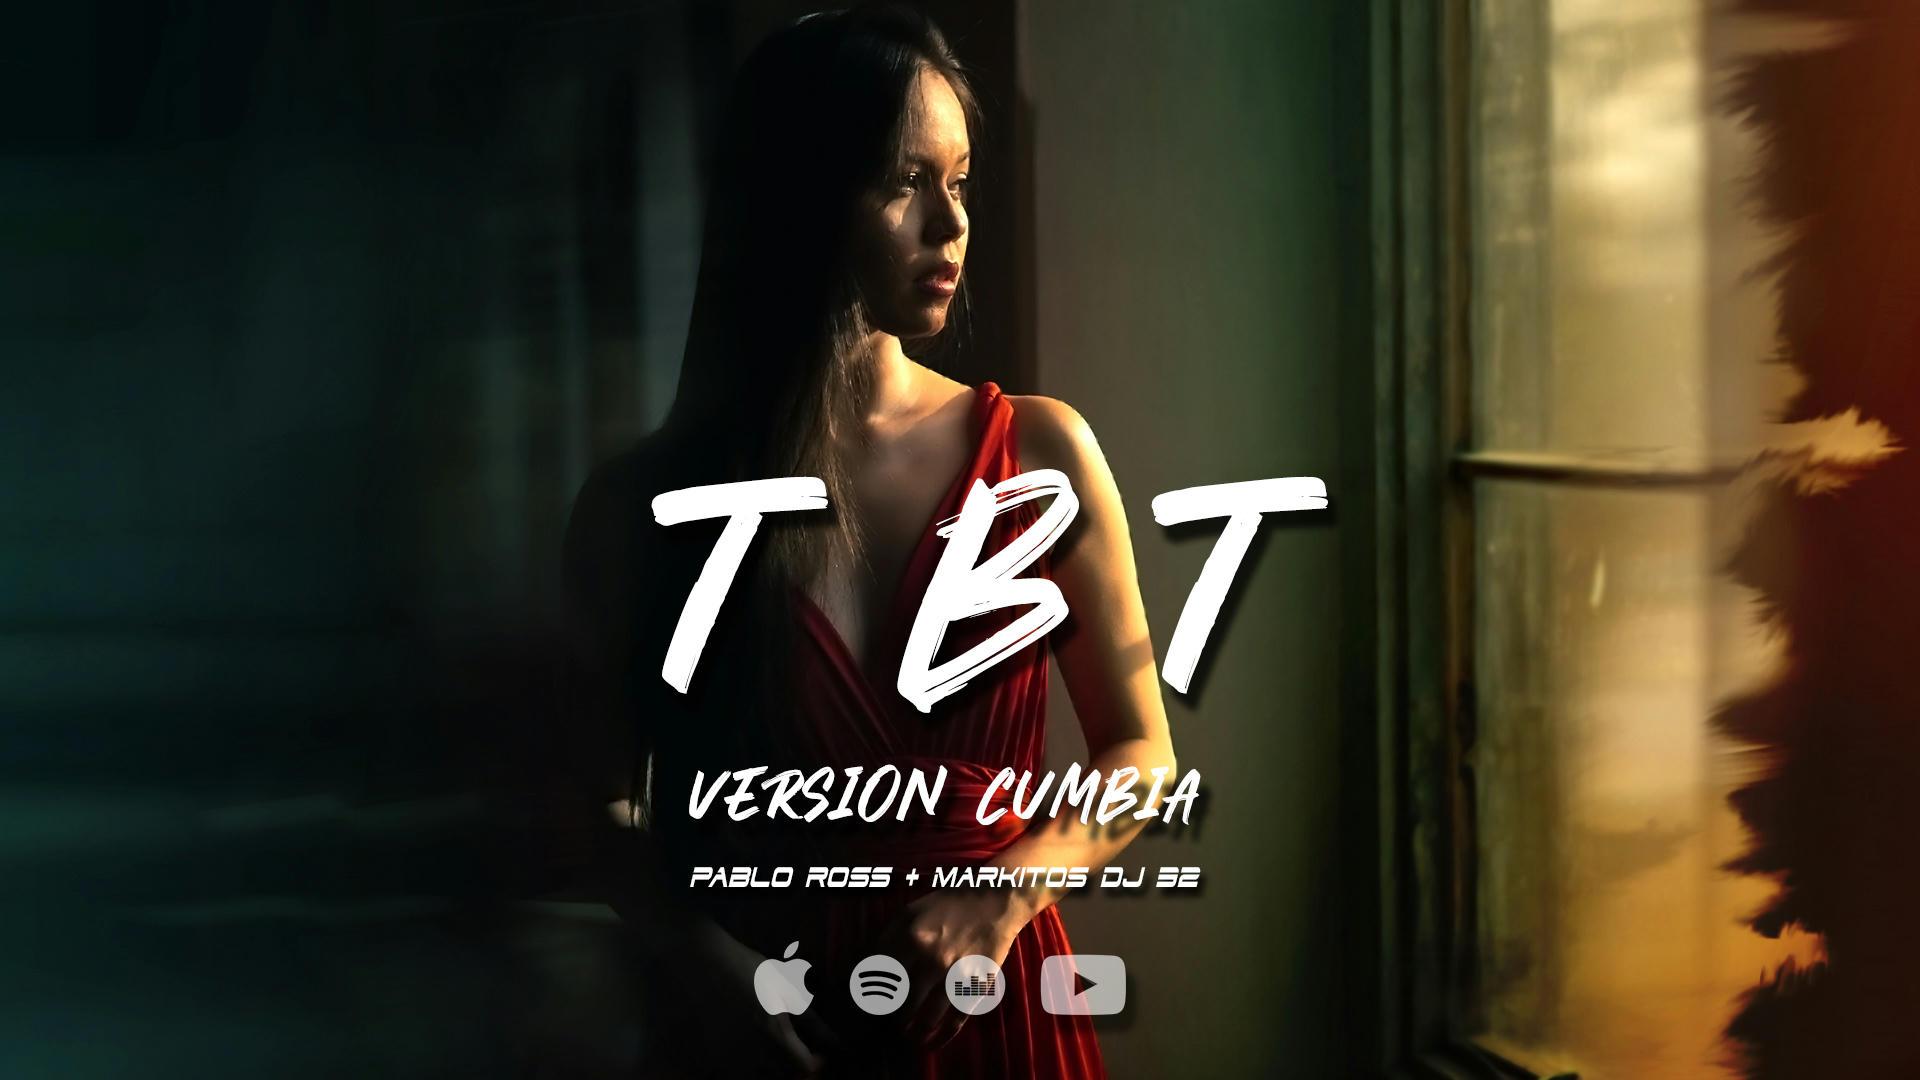 TBT (Versión Cumbia) Pablo Ross ✘ Markitos DJ 32